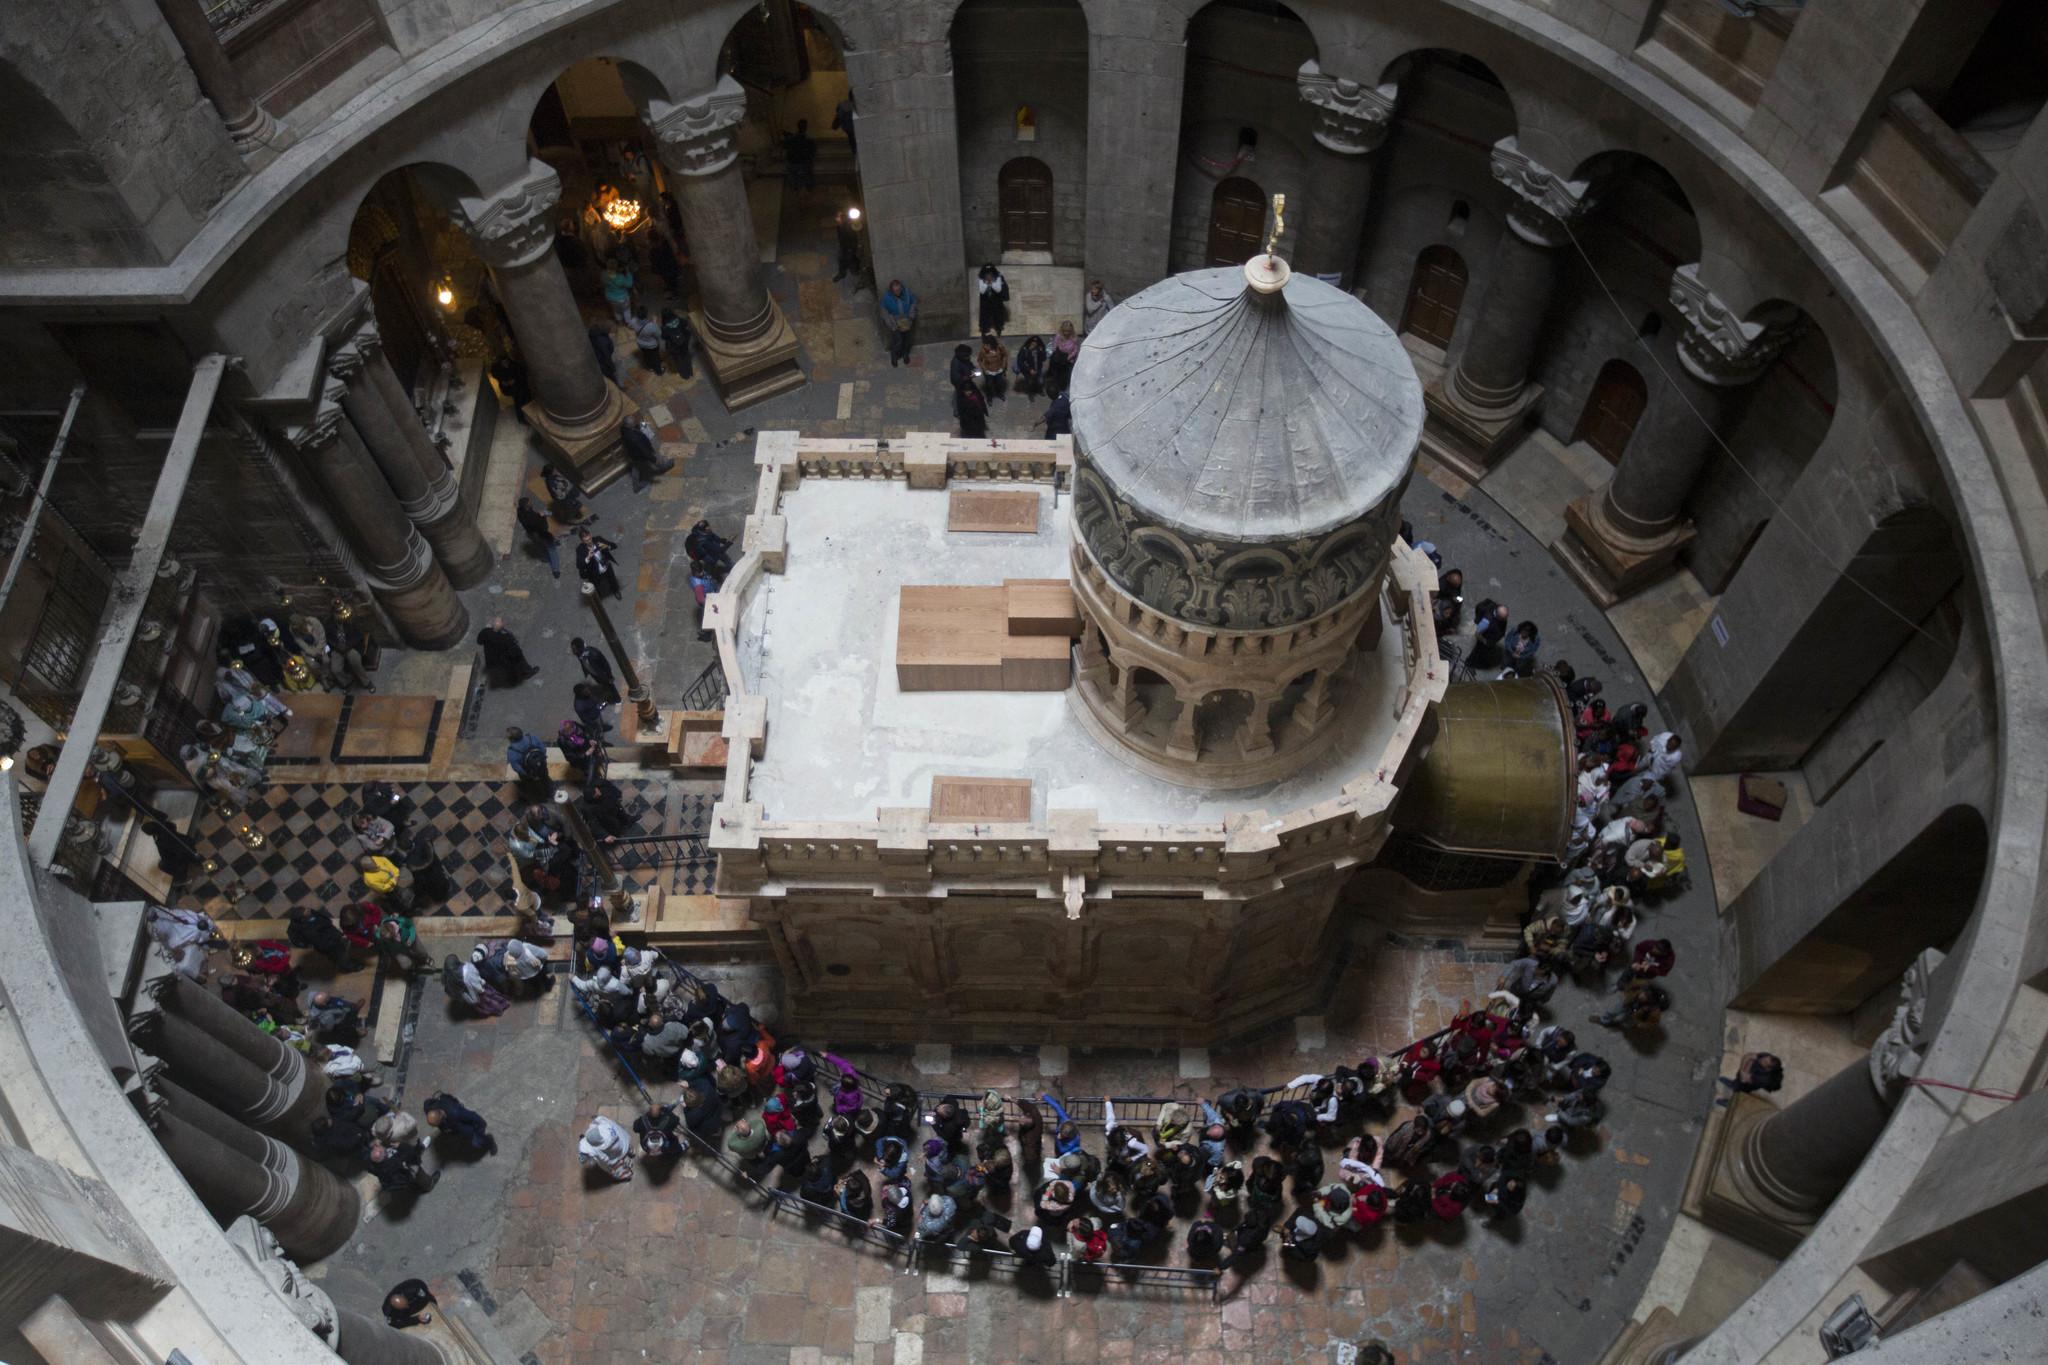 이스라엘 예루살렘 성묘교회의 가운데 있는 예수 무덤을 보기 위해 방문객들이 줄을 서 있는 모습. 예루살렘은 기독교는 물론 유대교와 이슬람교에도 성지다. [AP=뉴시스]